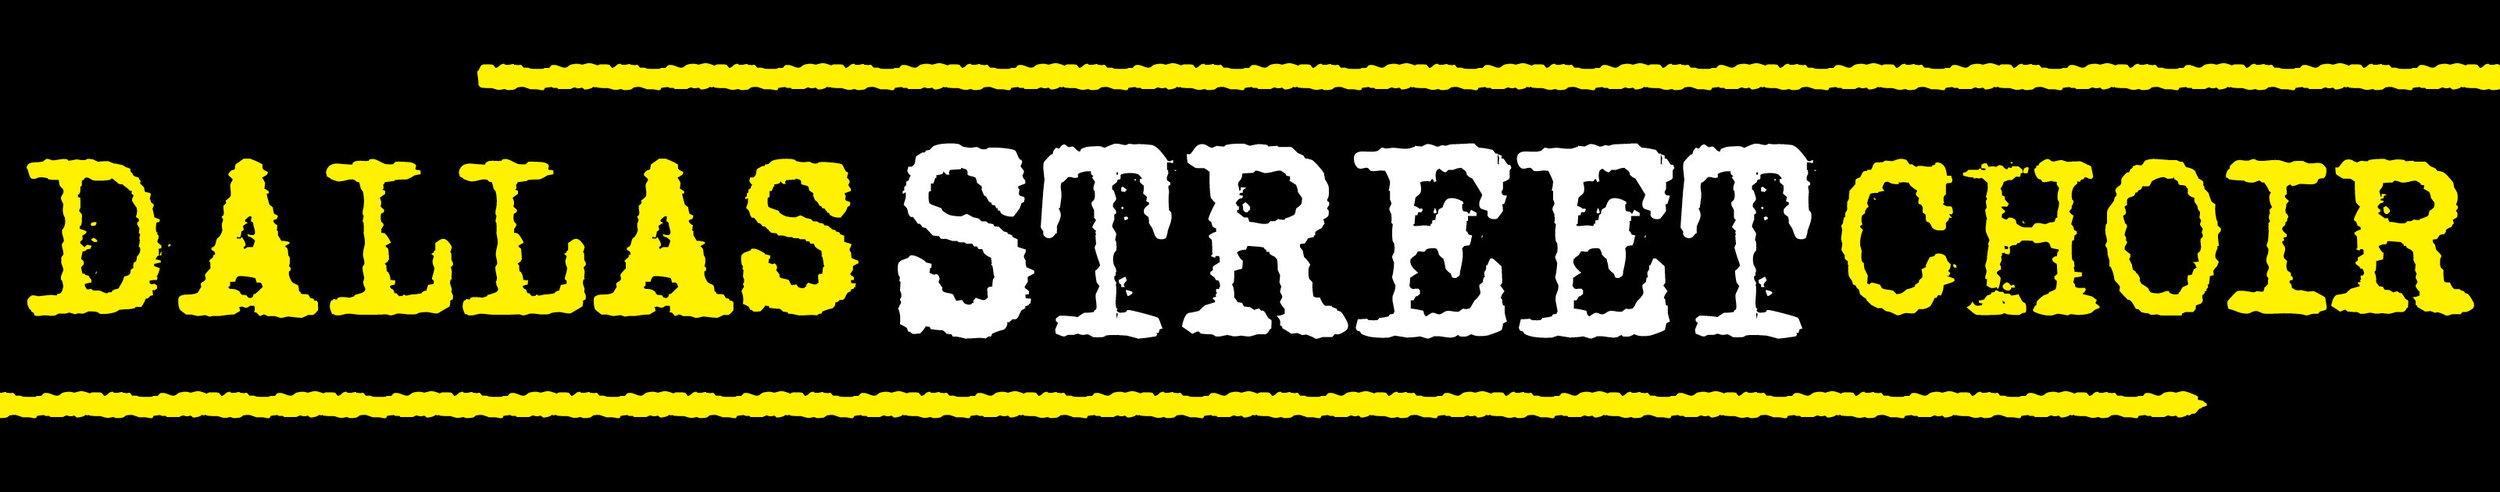 Dallas Street Choir Logo.jpg